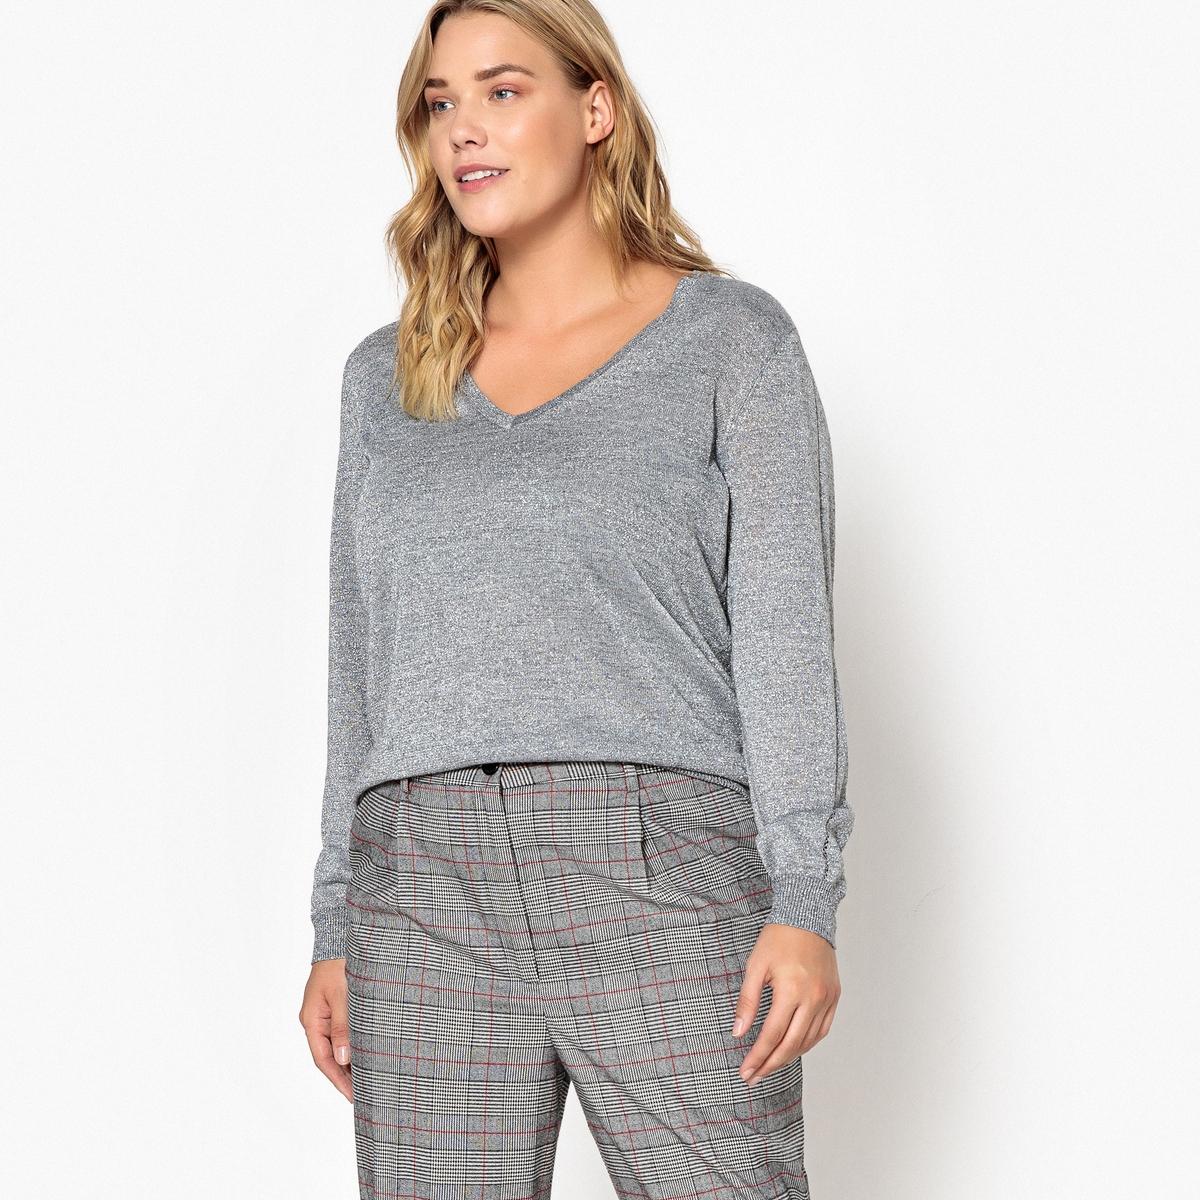 купить Пуловер с V-образным вырезом из тонкого блестящего трикотажа по цене 3399 рублей